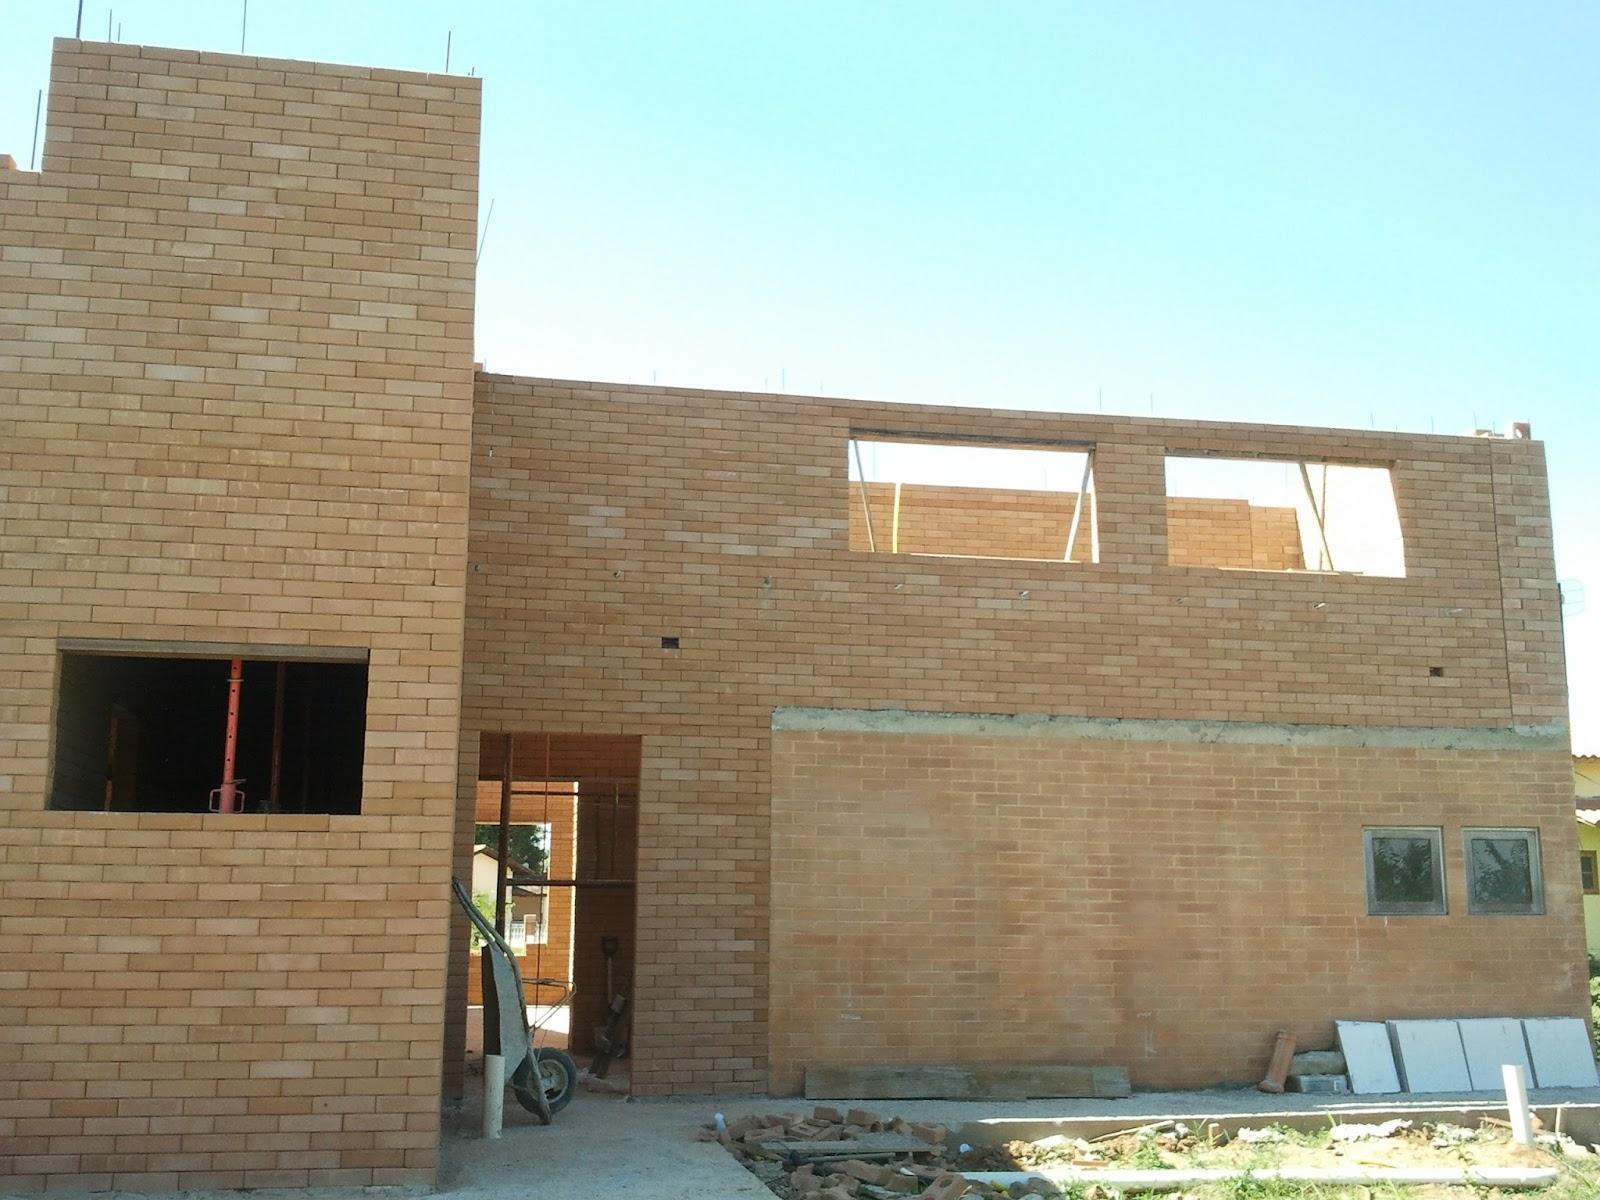 Construindo e Ampliando com Tijolo Solo cimento / Ecológico: Vista do  #14B7B7 1600 1200